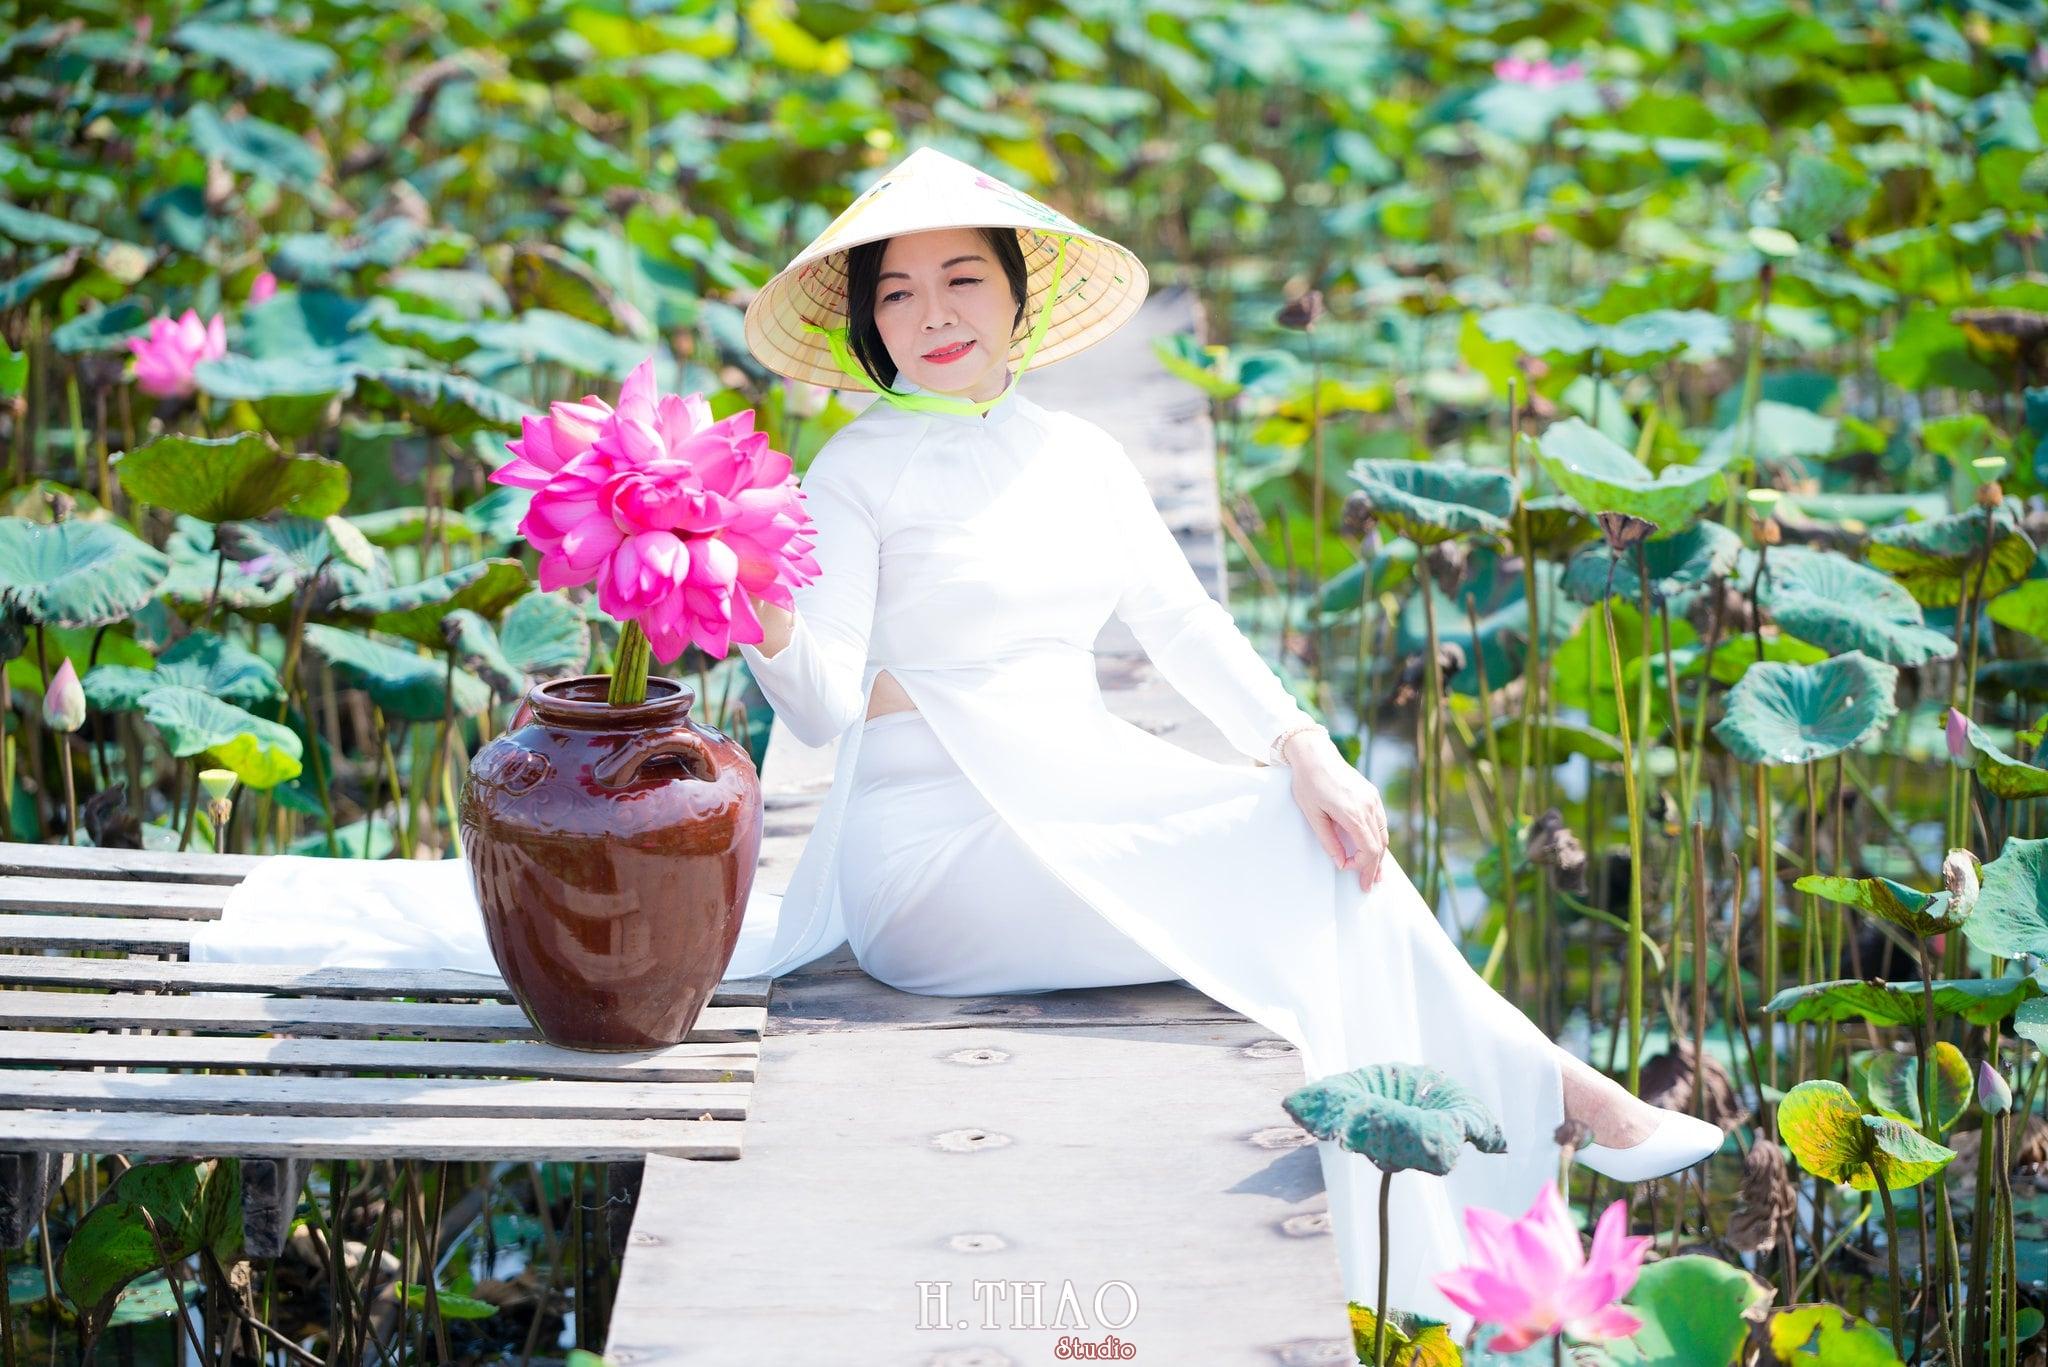 nh áo dài hoa sen 5 - Góc ảnh áo dài tuổi 50 cô Phương chụp với hoa sen- HThao Studio